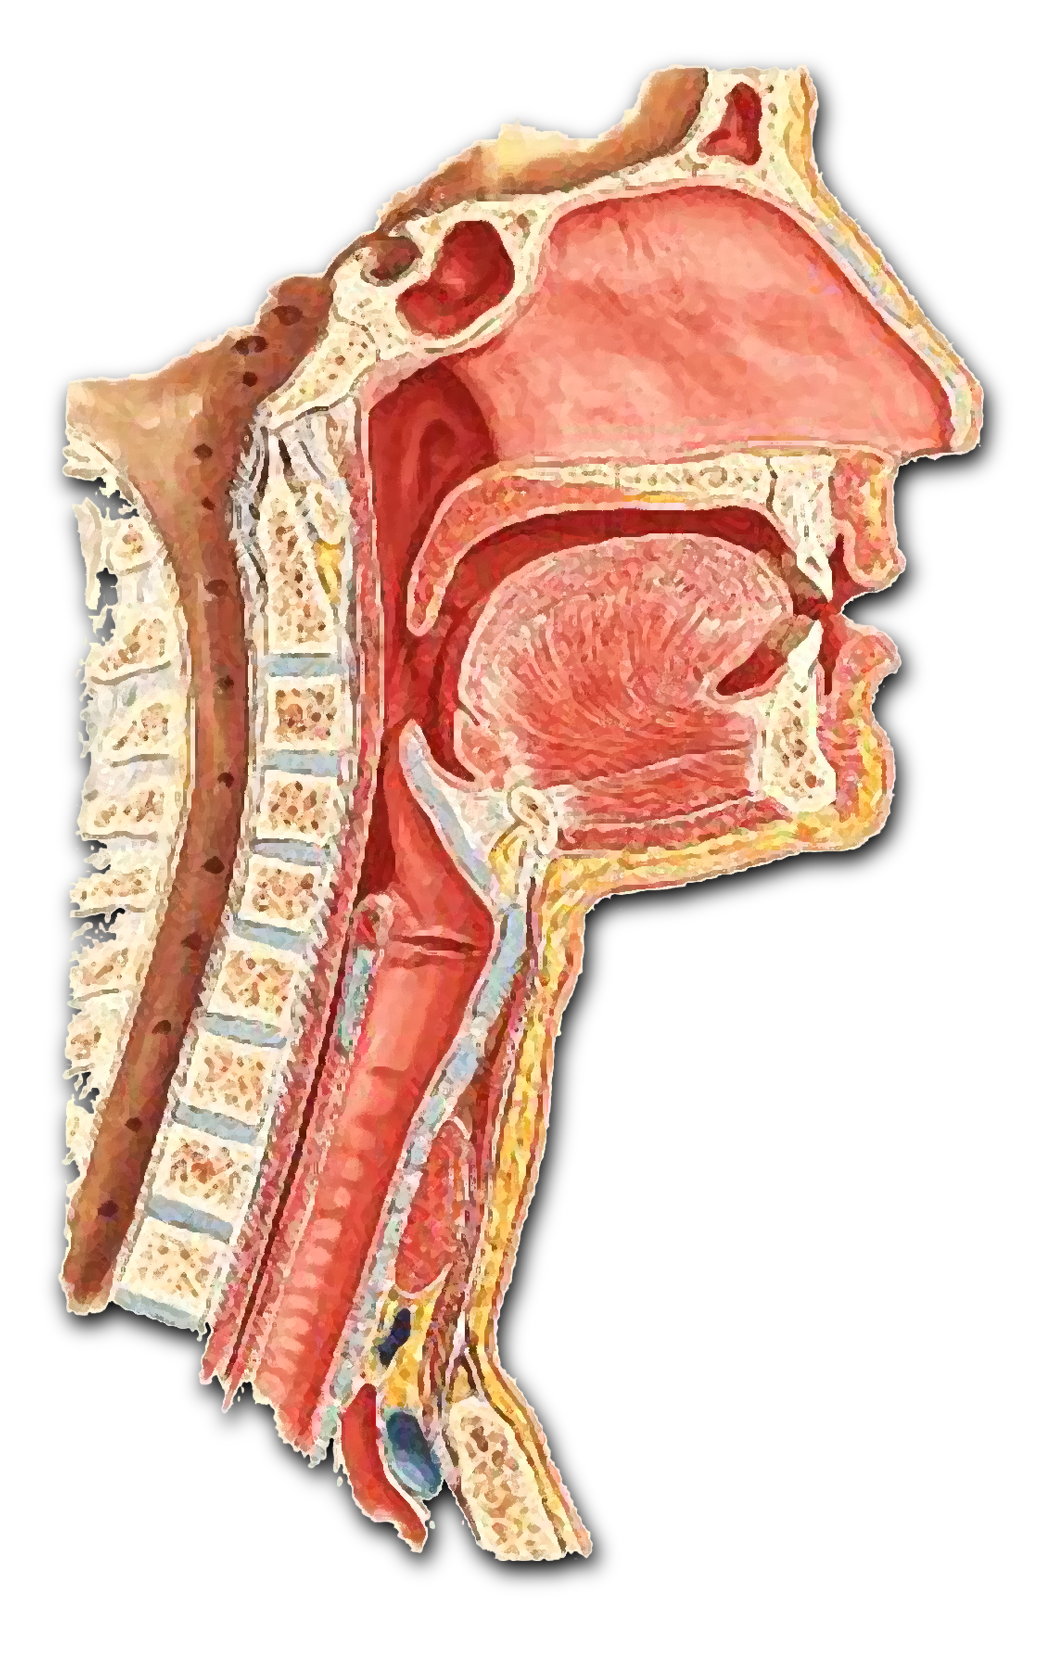 Manejo clínico e diagnóstico diferencial das doenças infecciosas granulomatosas das vias aéreas e digestivas superiores – Multiprofissional - 2º Oferta